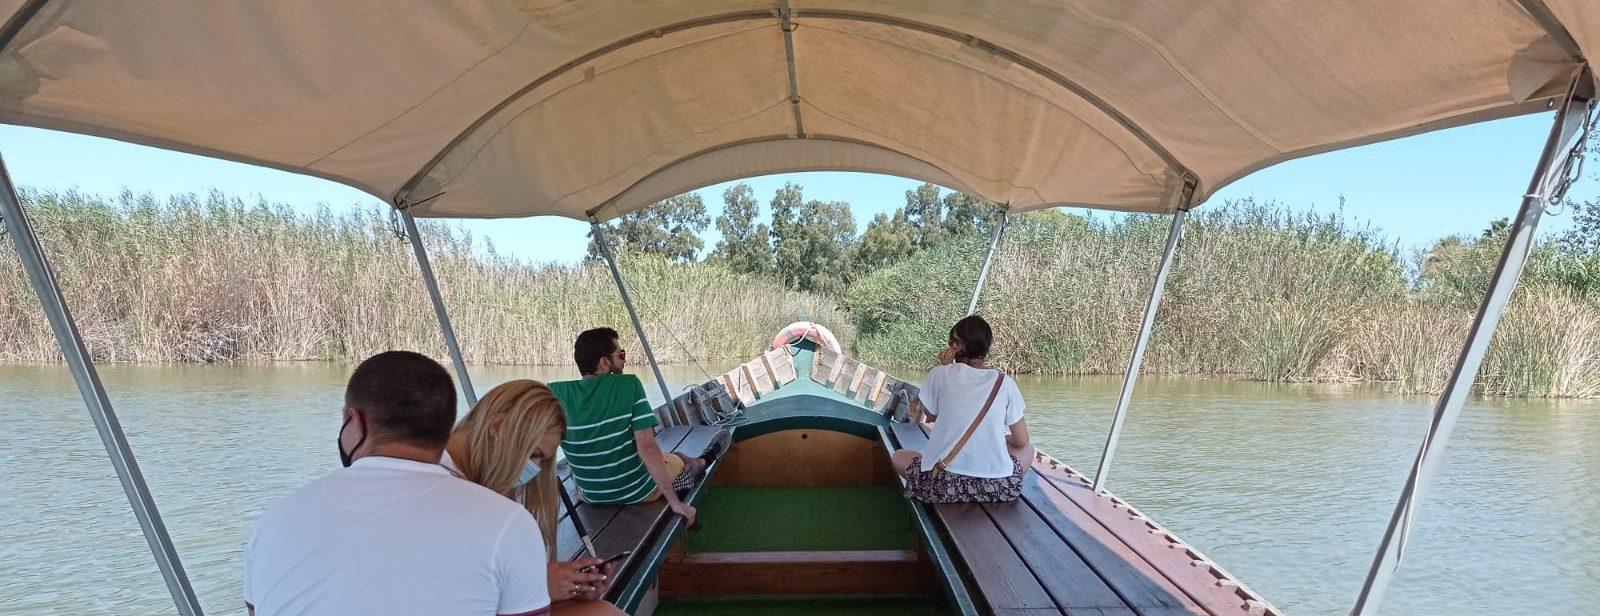 Paseo en barca albufera con toldo el tio pastilla